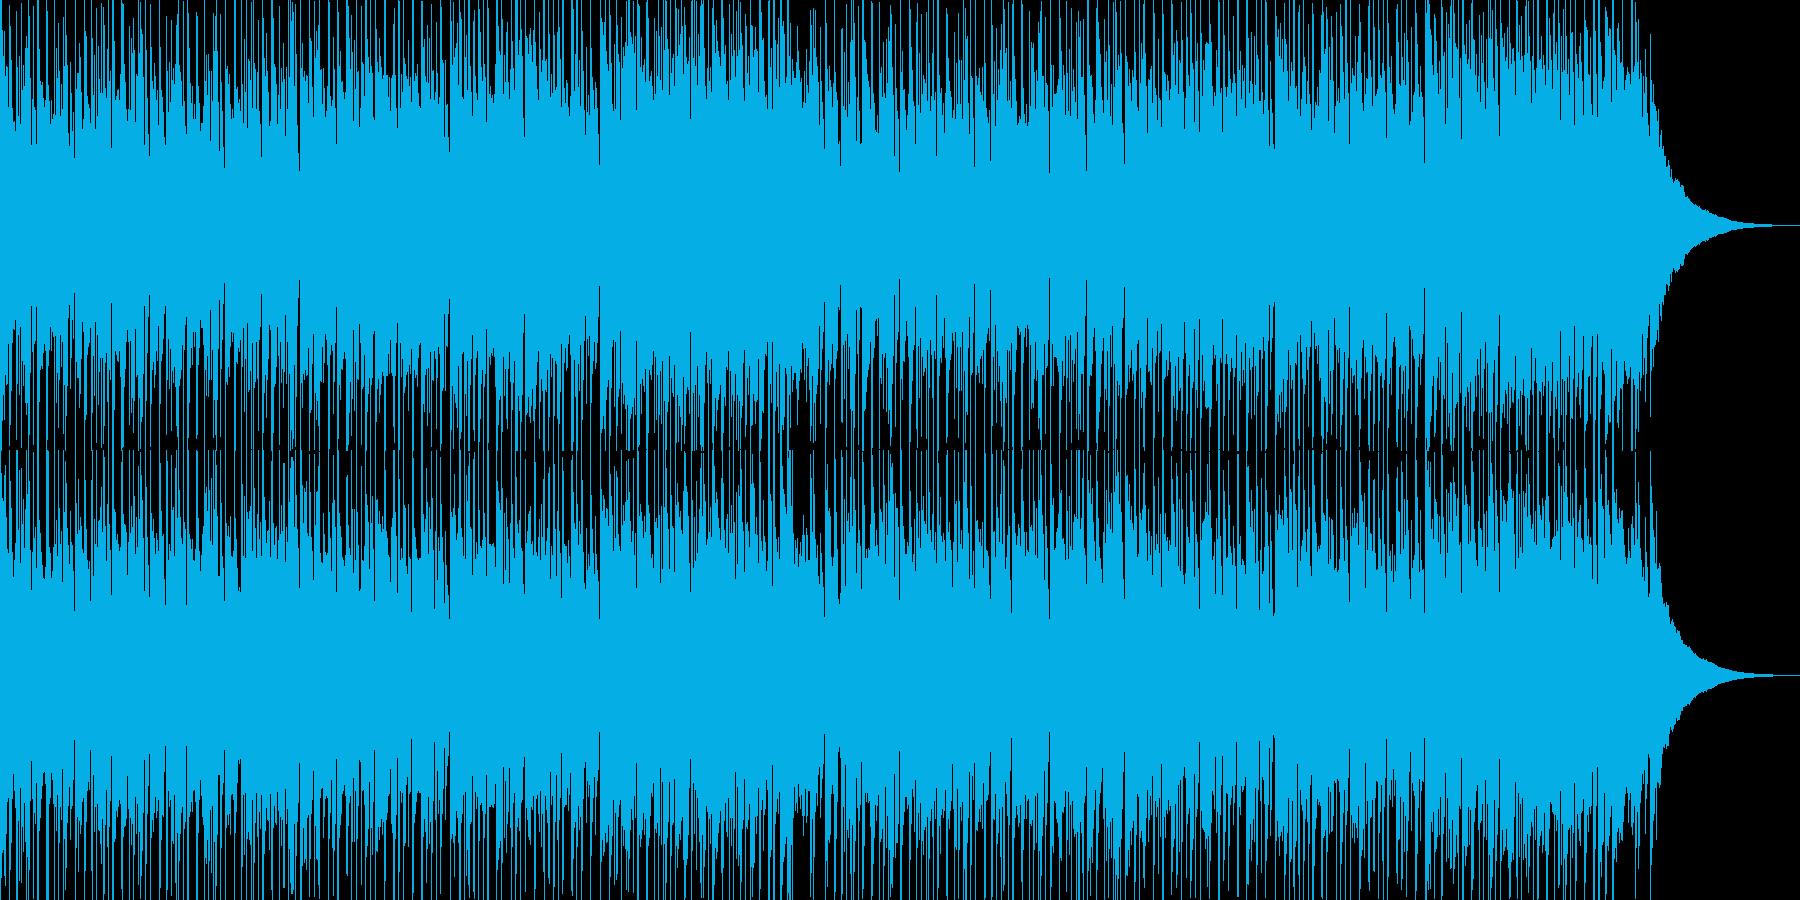 フュージョン風明るいポップス02の再生済みの波形